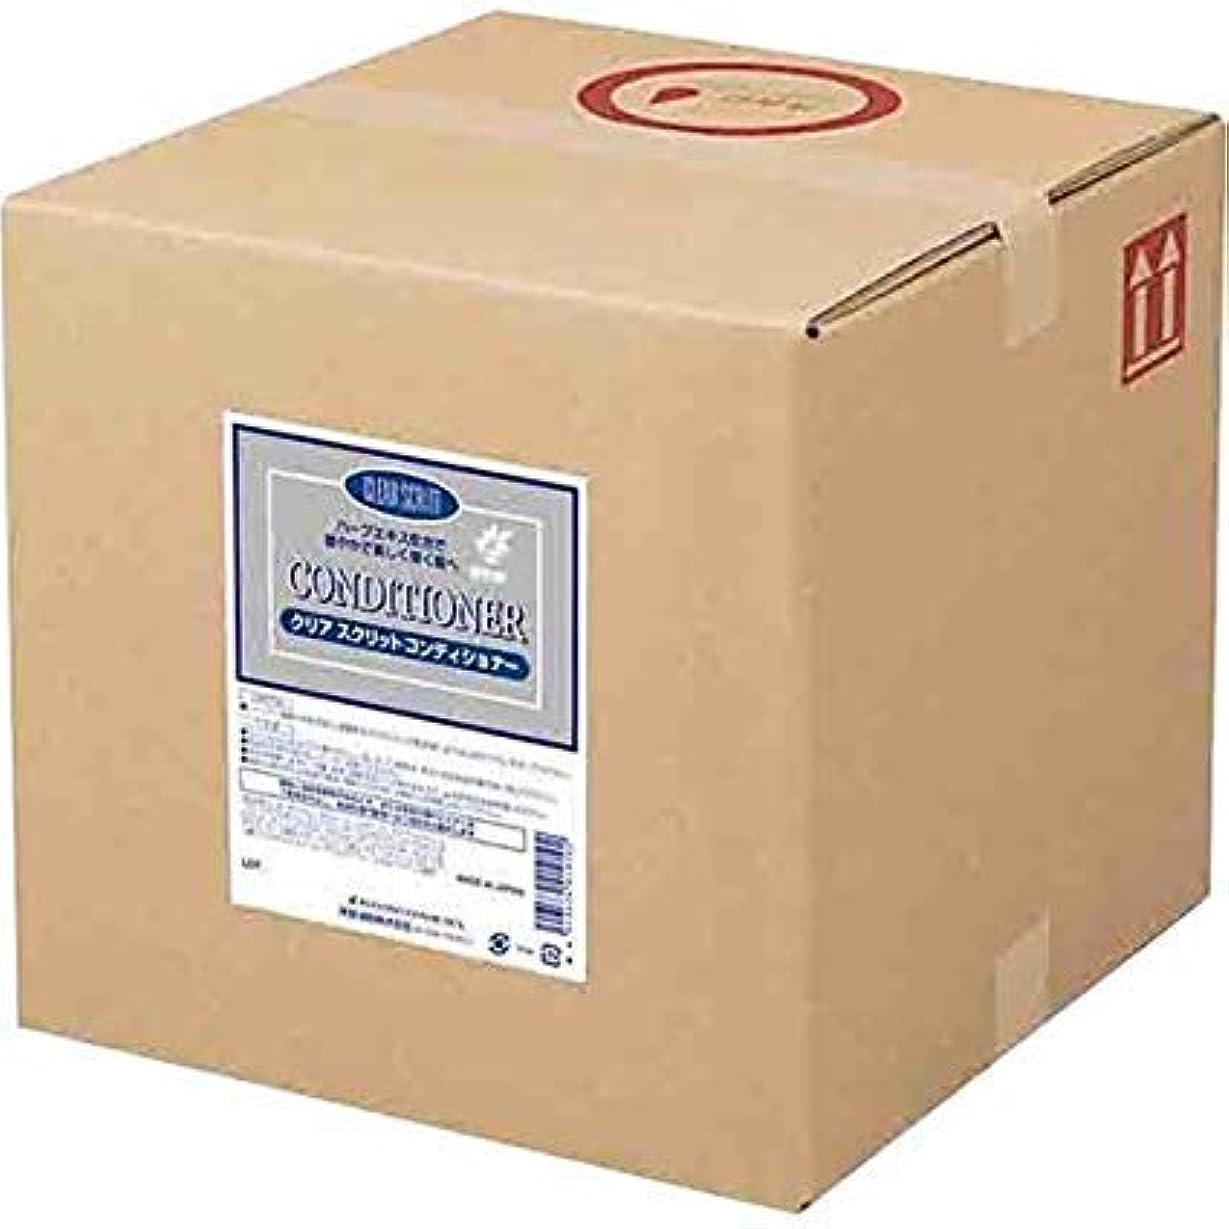 スコットランド人郵便番号ロープ業務用 クリアスクリット コンディショナー 18L 熊野油脂 (コック付き)